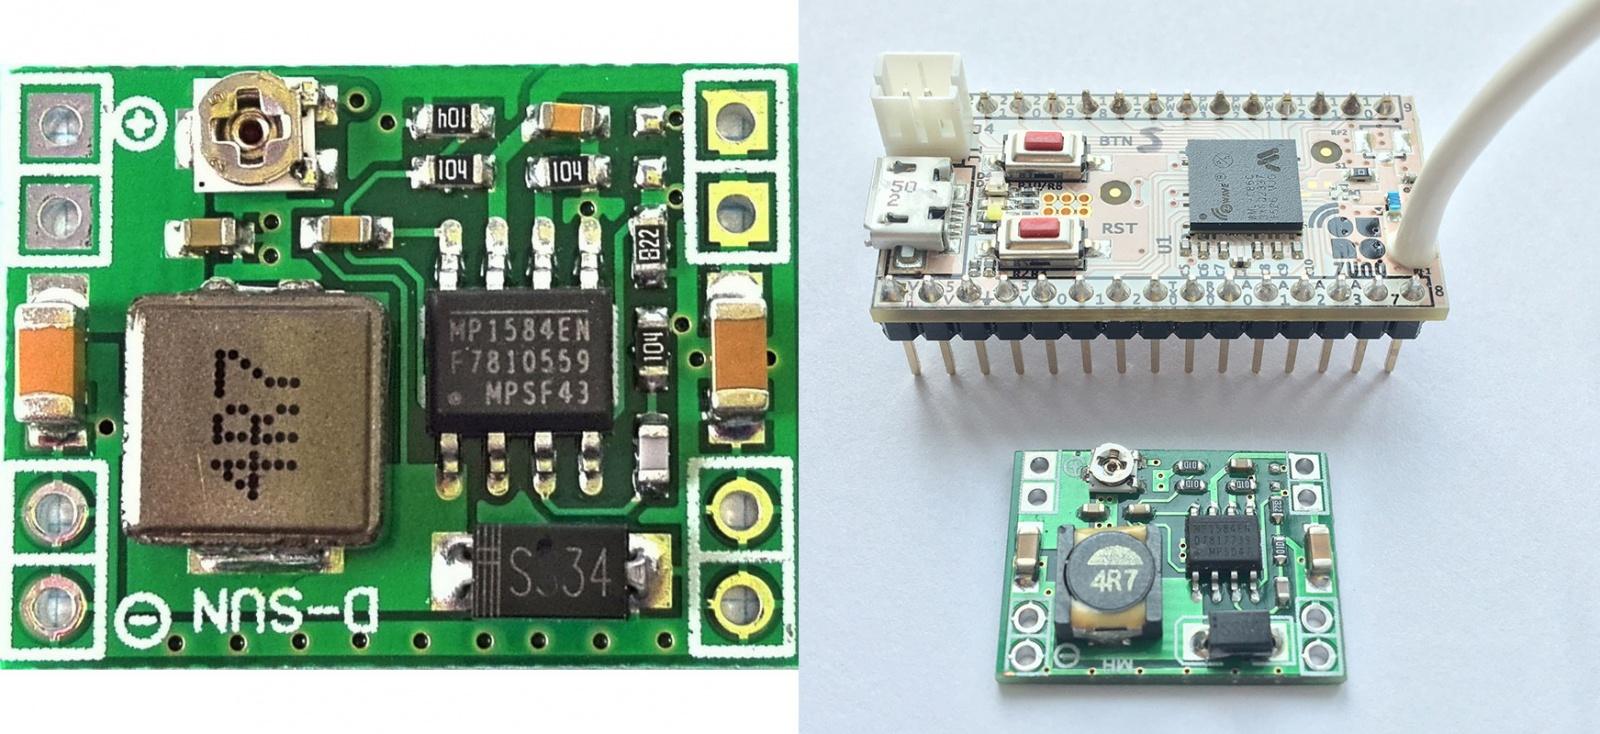 Разрабатываем Z-Wave устройство для управления пылесосом iRobot Roomba - 5